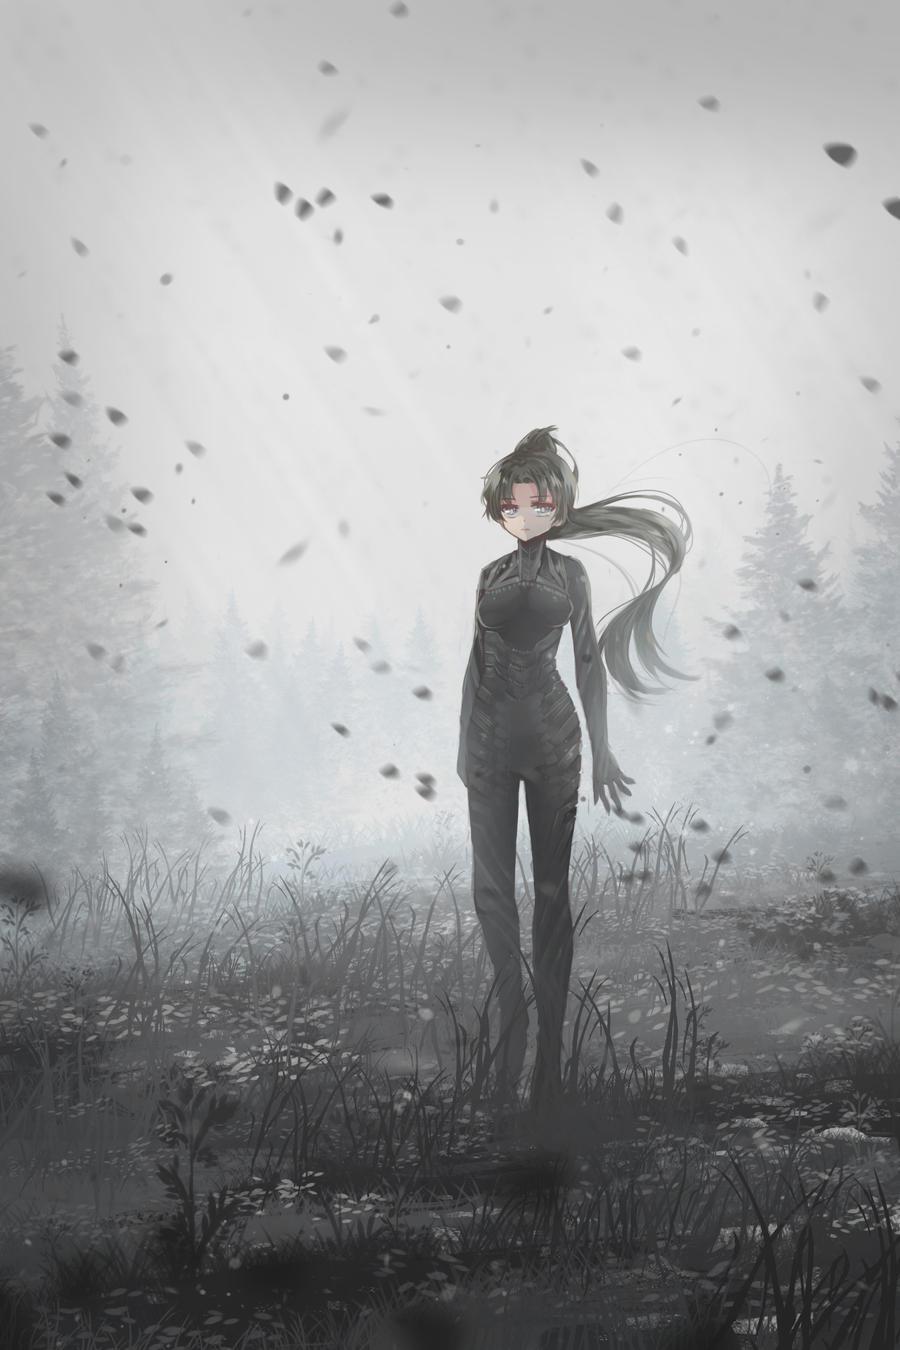 Helena By Daikazoku63